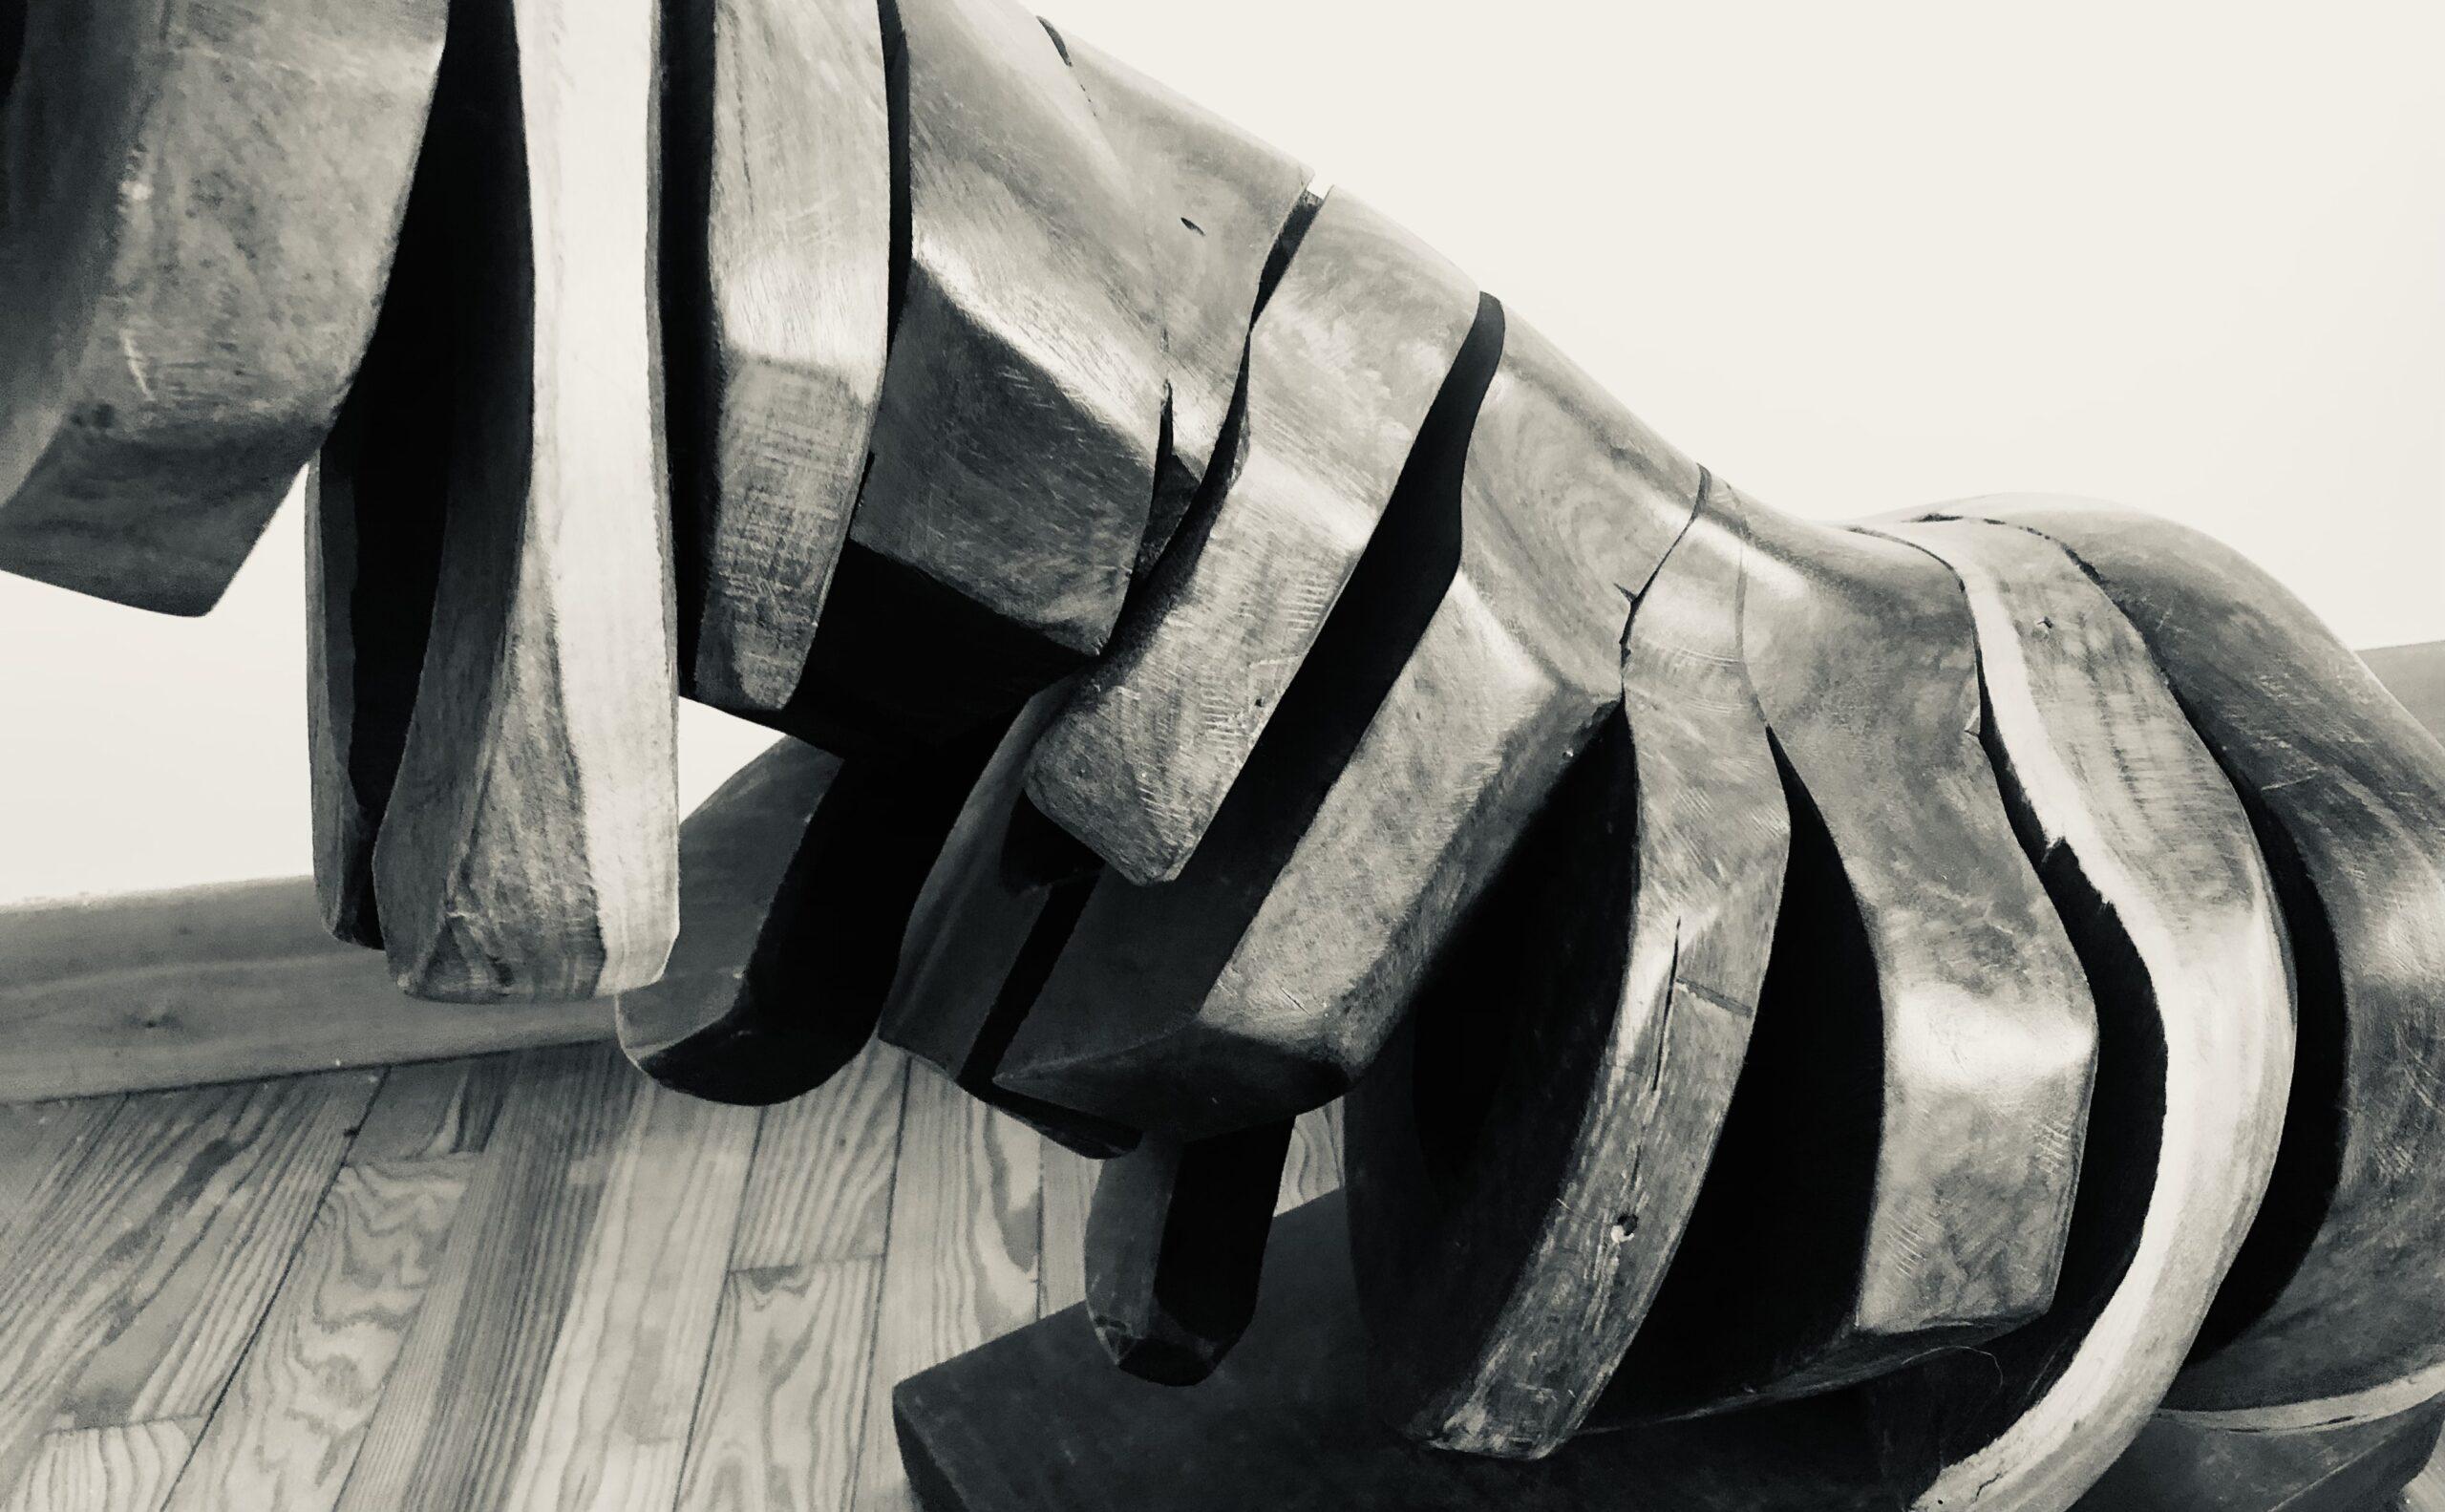 RACHIS, Sculpture de Miguel Martino, peintre et ami argentin établi au salvador